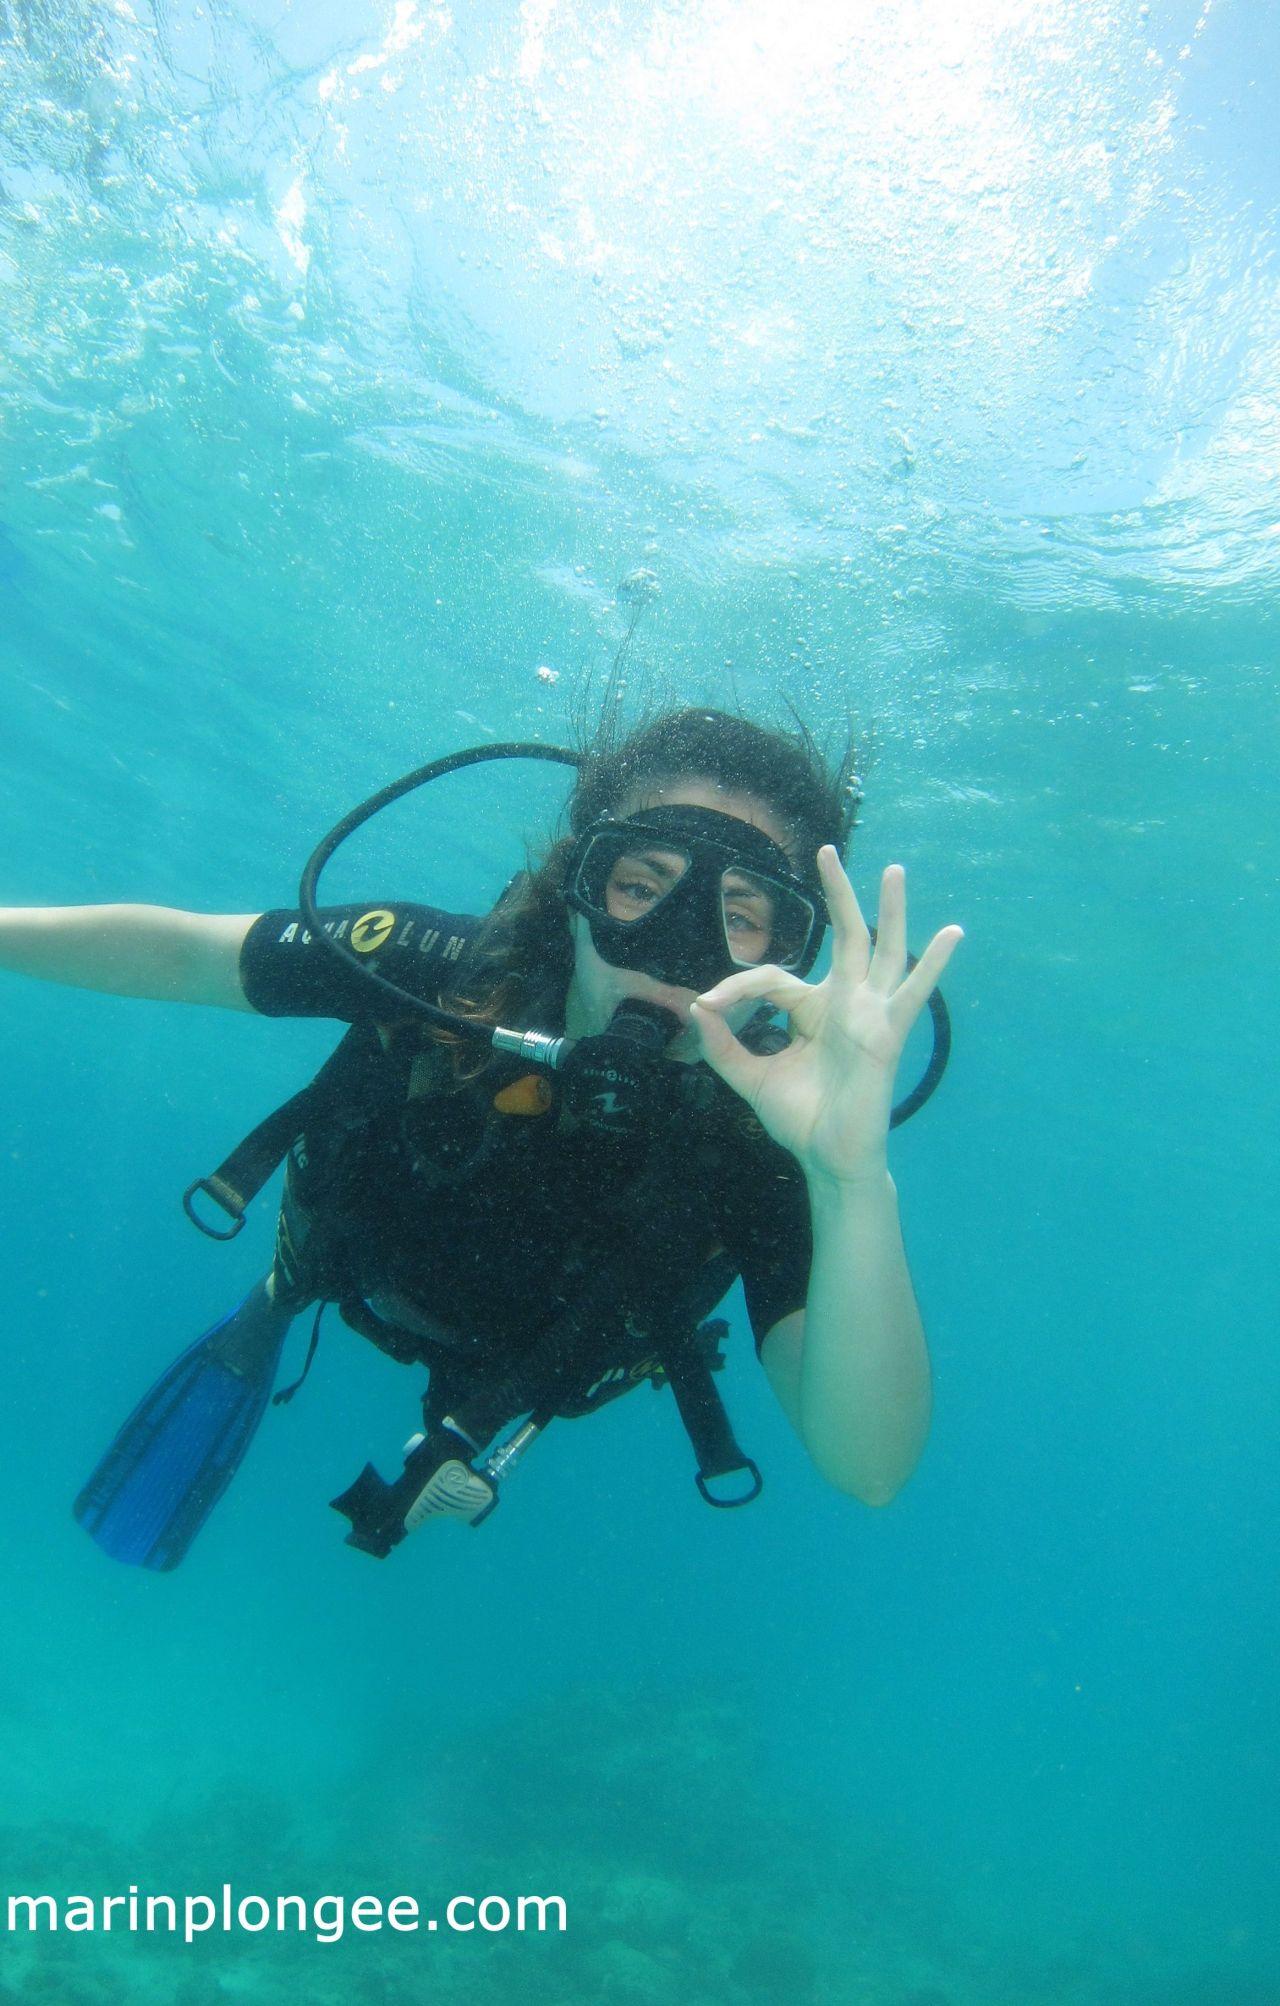 selfie-plongee.jpg